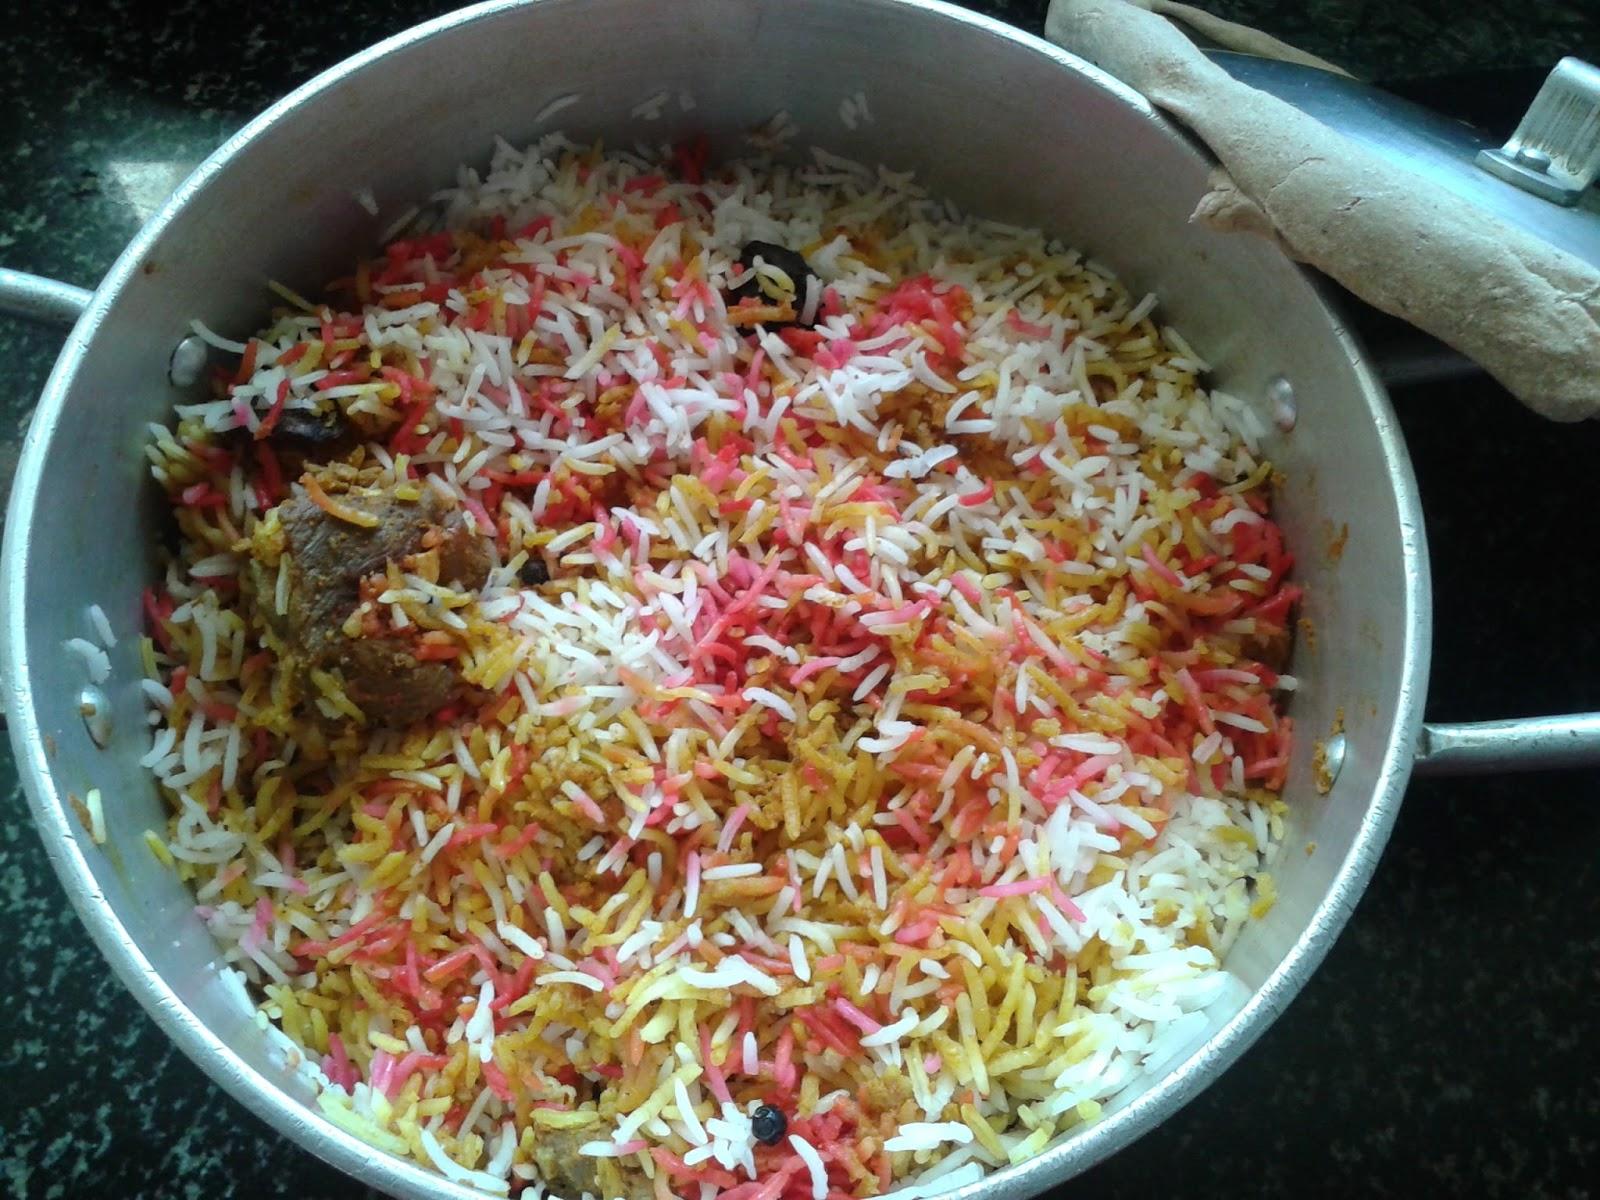 Mutton  Kg Oil  Tblsp Garlic 2 Tsp Ground Ginger 2 Tsp Ground Fried Onion Paste  Tblesp Basmati Rice 6 Cups